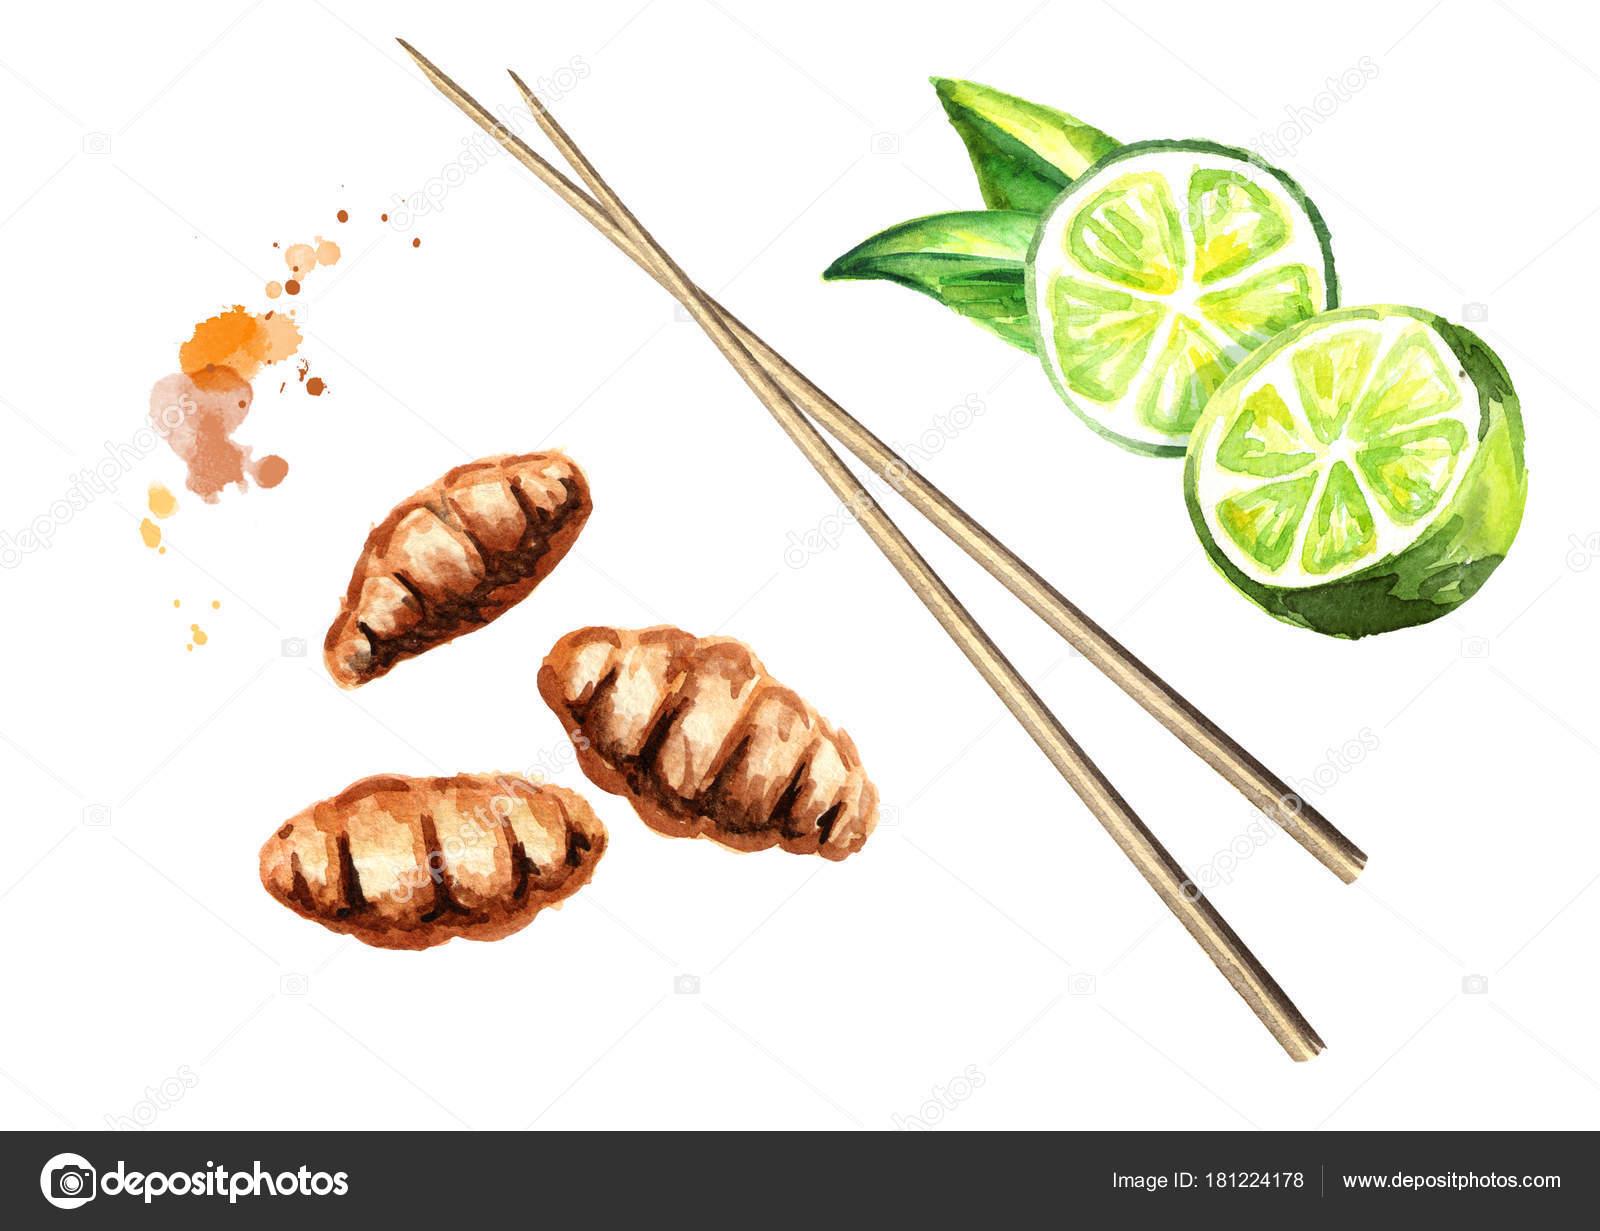 Insekten in der kuche for Maden in der kuche